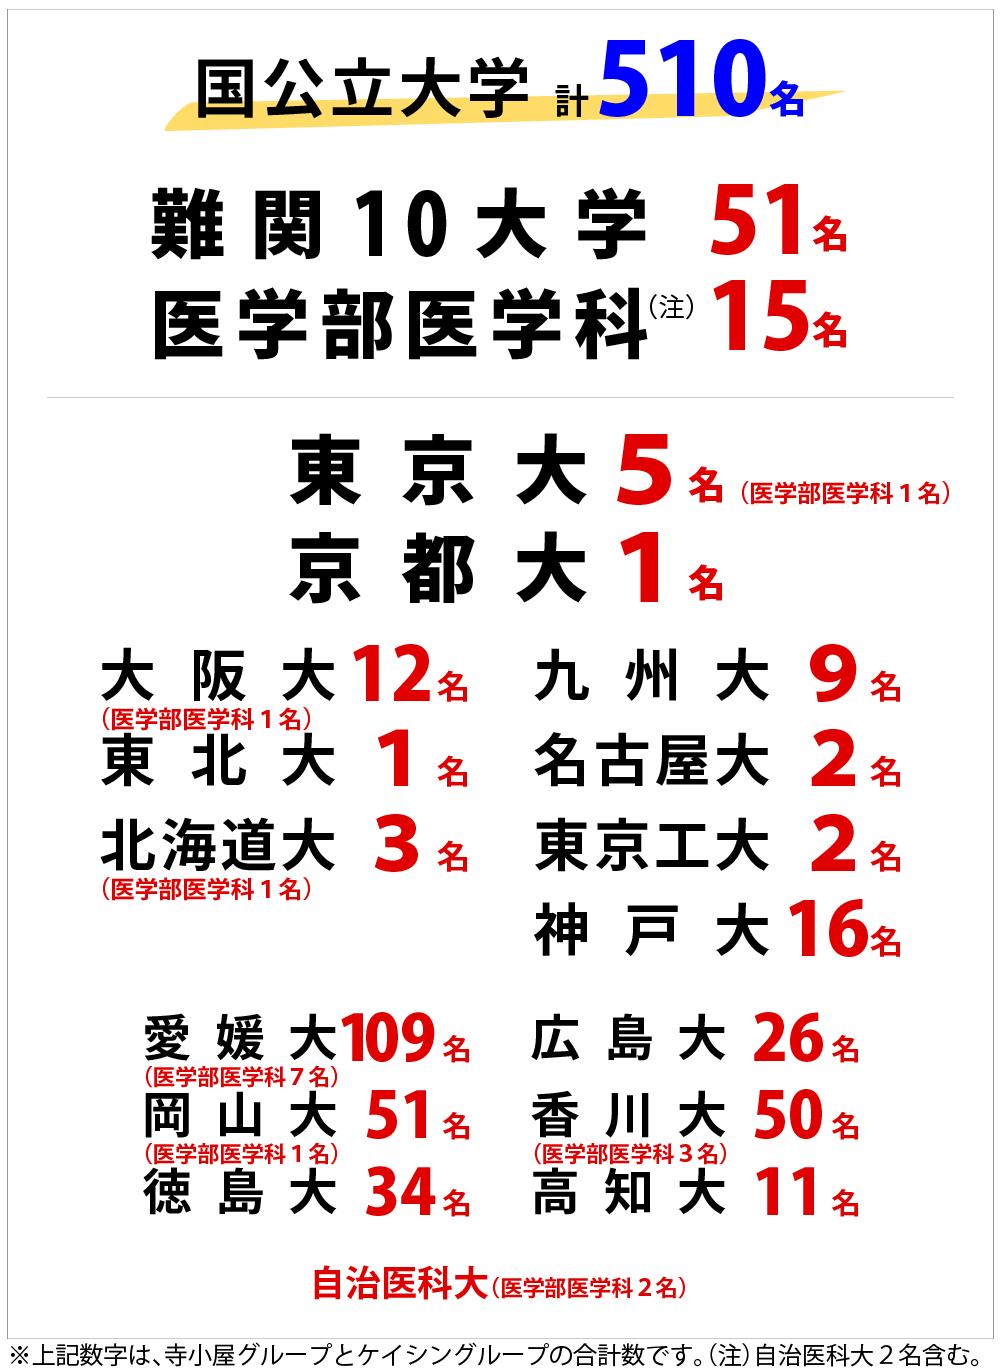 学習塾・寺小屋の国公立大学2021年合格者数(グループ全体数)